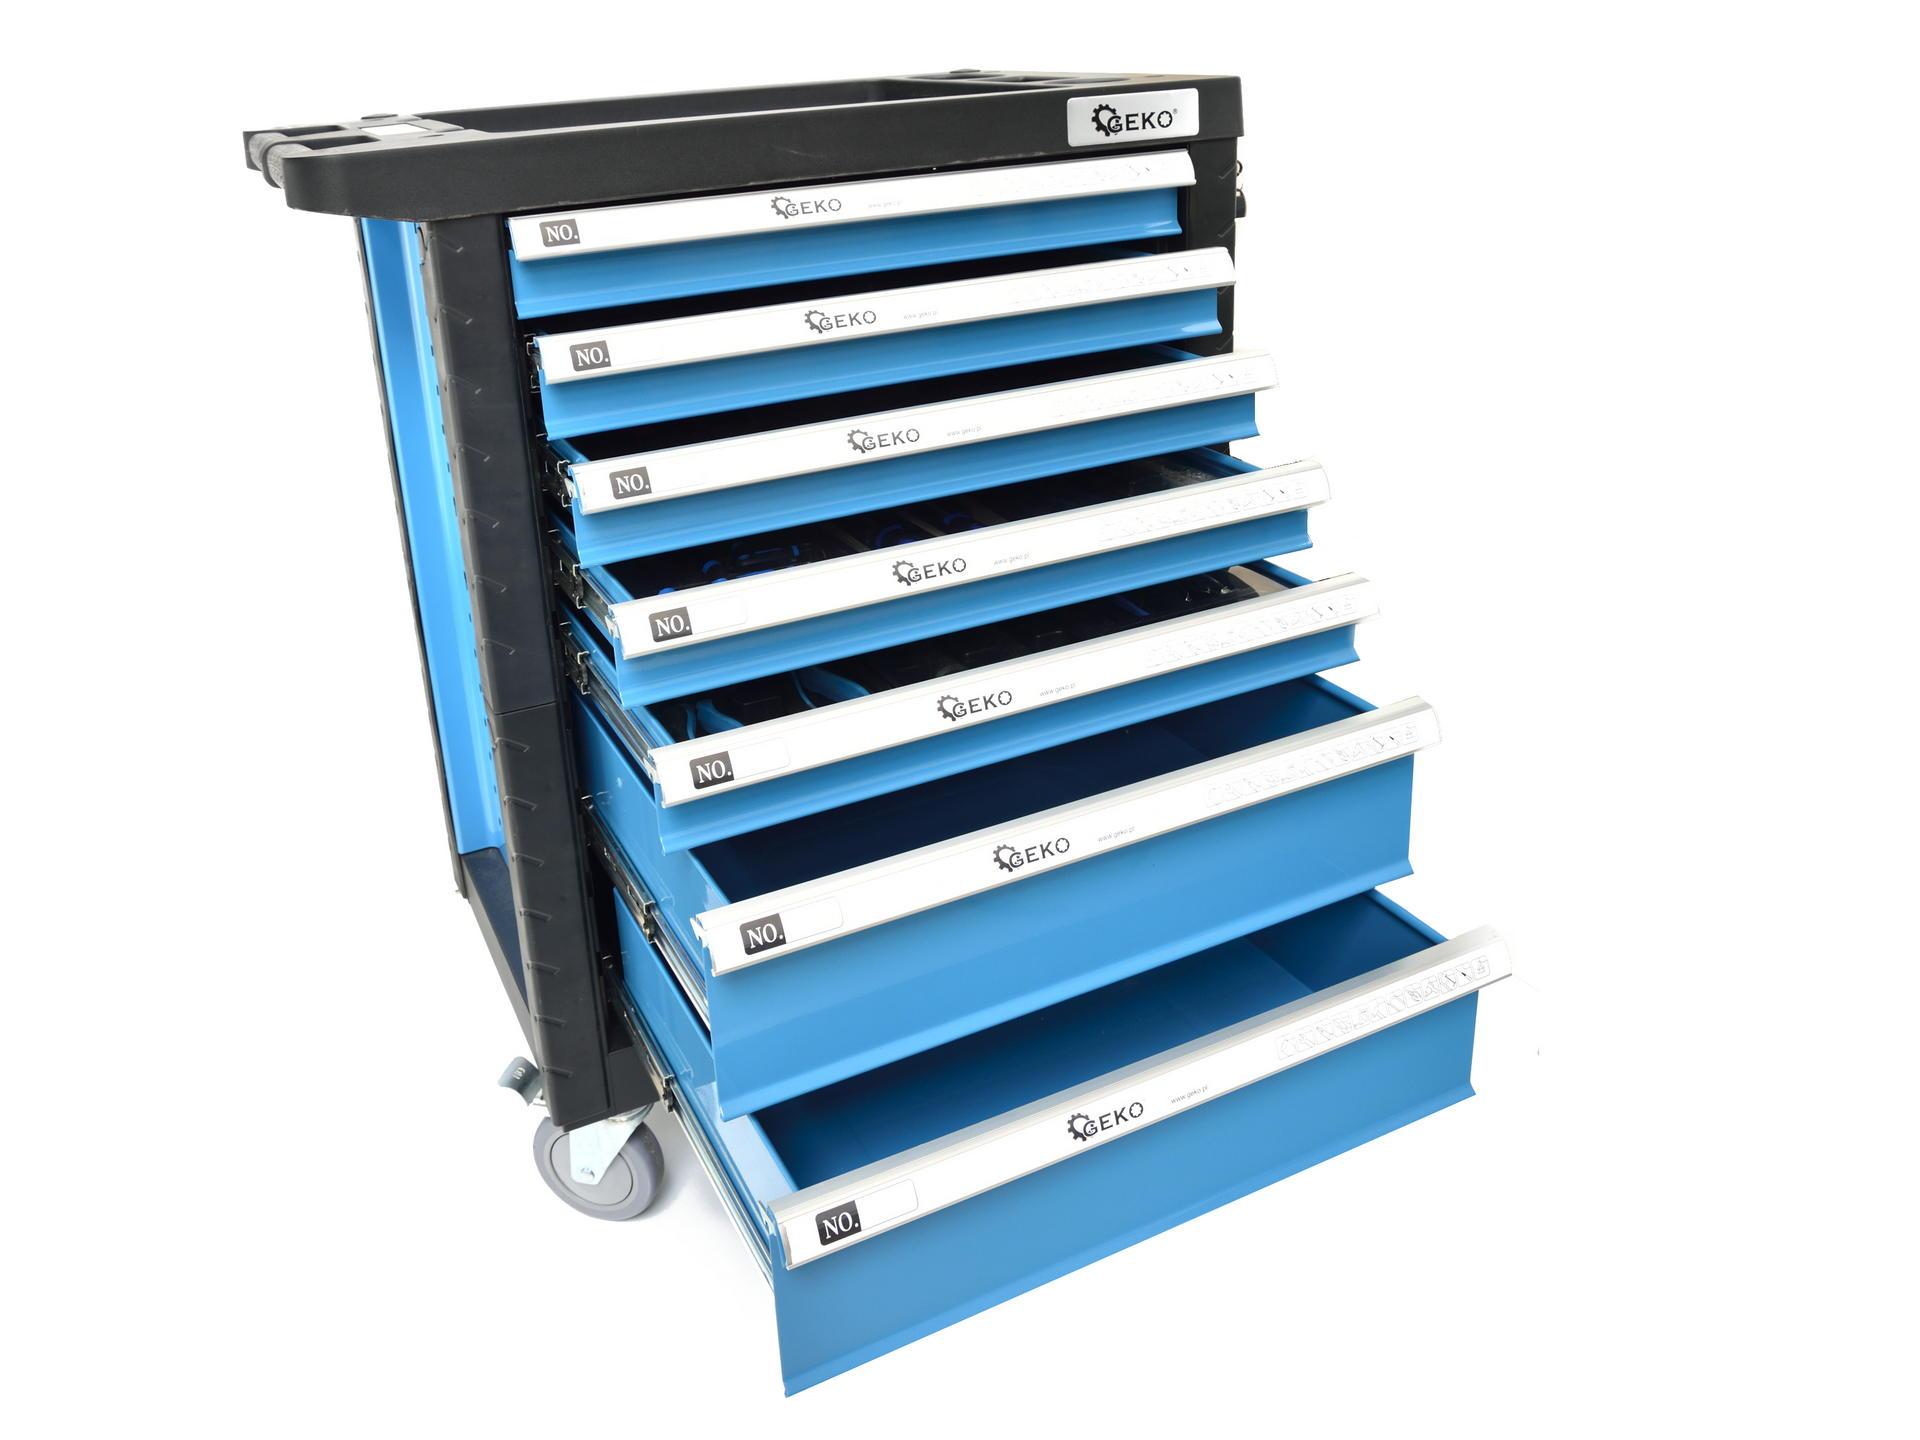 Profesionali įrankių spintelė   272 įrankiai   7 stalčiai (G10830)